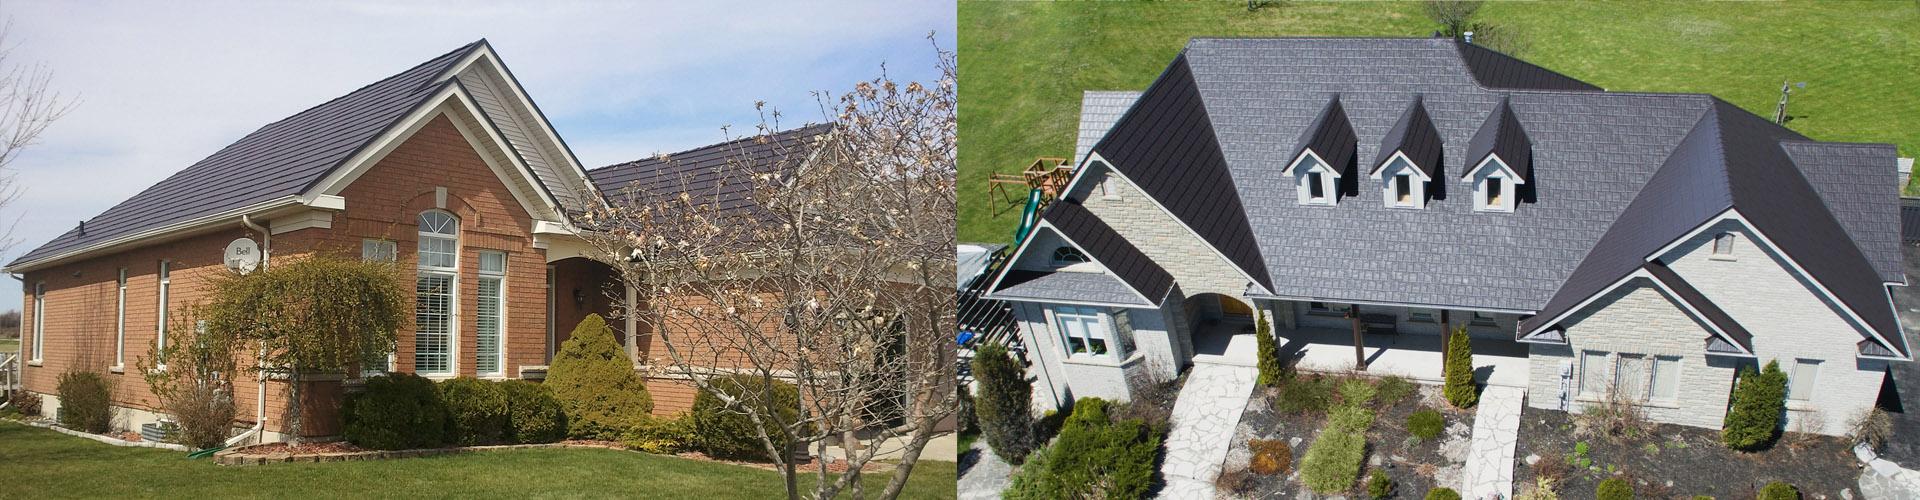 Steel Roofing Calgary Alberta